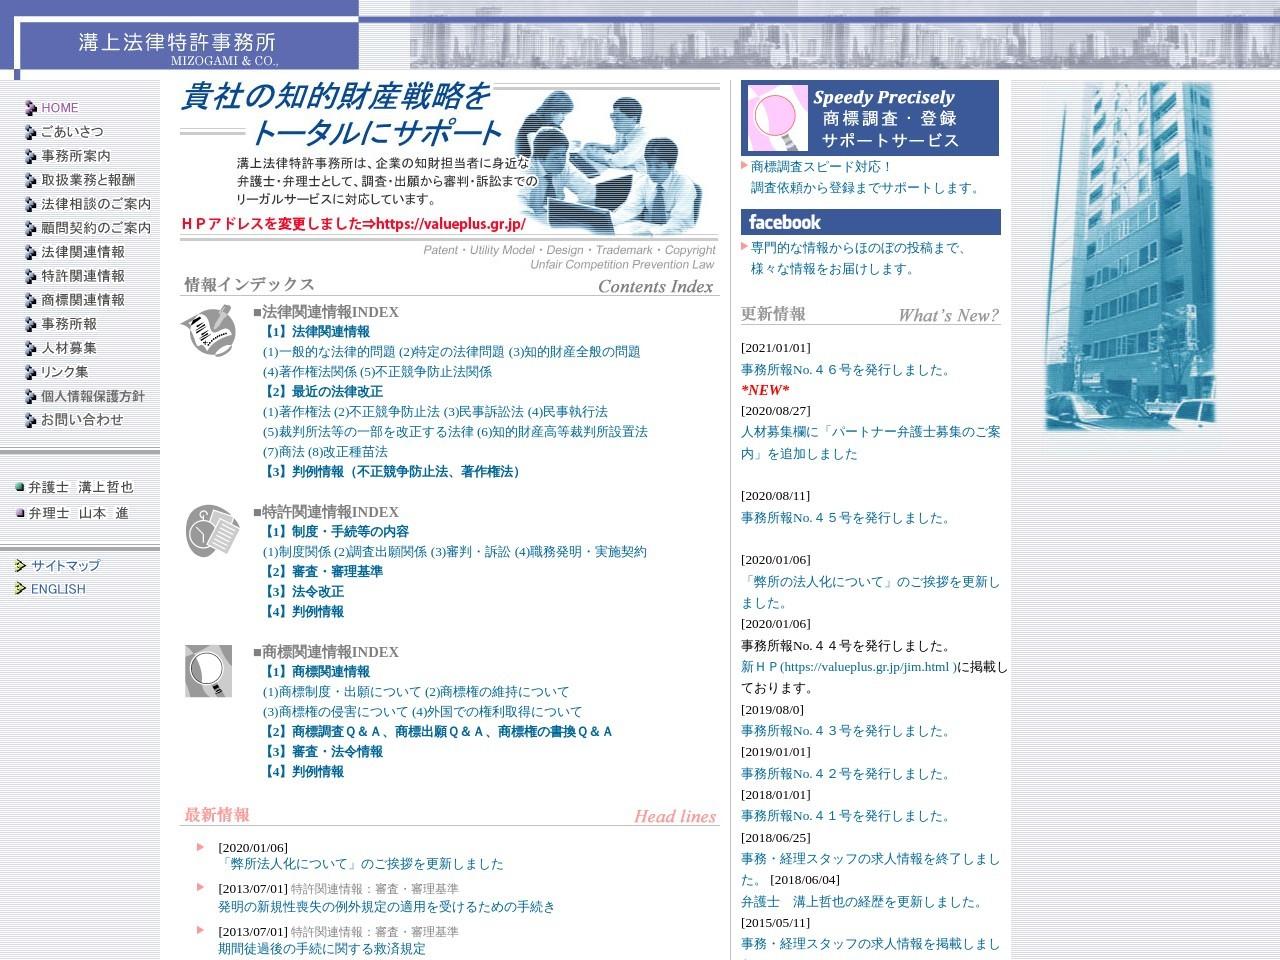 溝上法律特許事務所